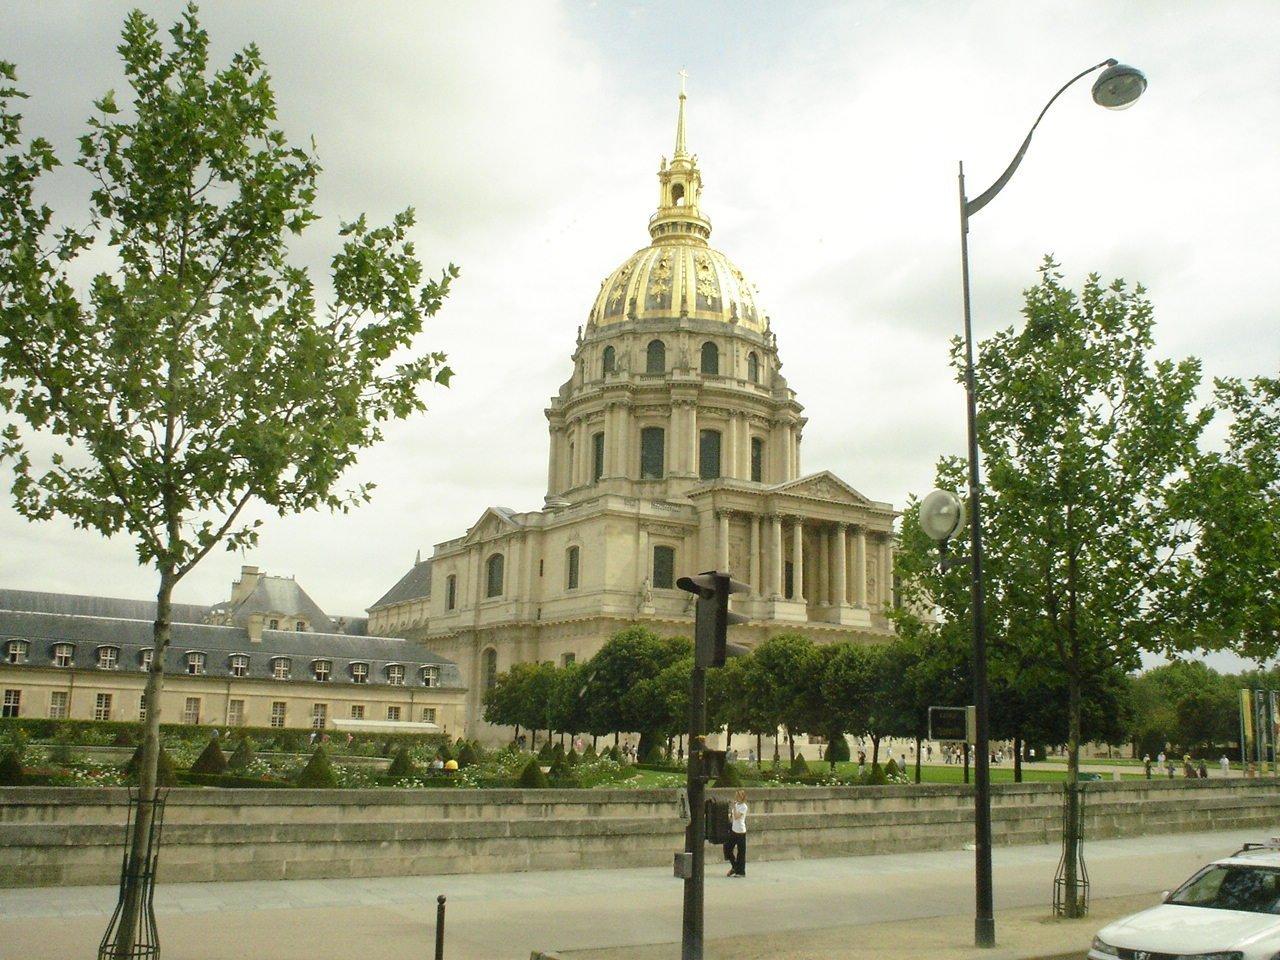 Дом инвалидов, Париж, Франция. Июль, 2006